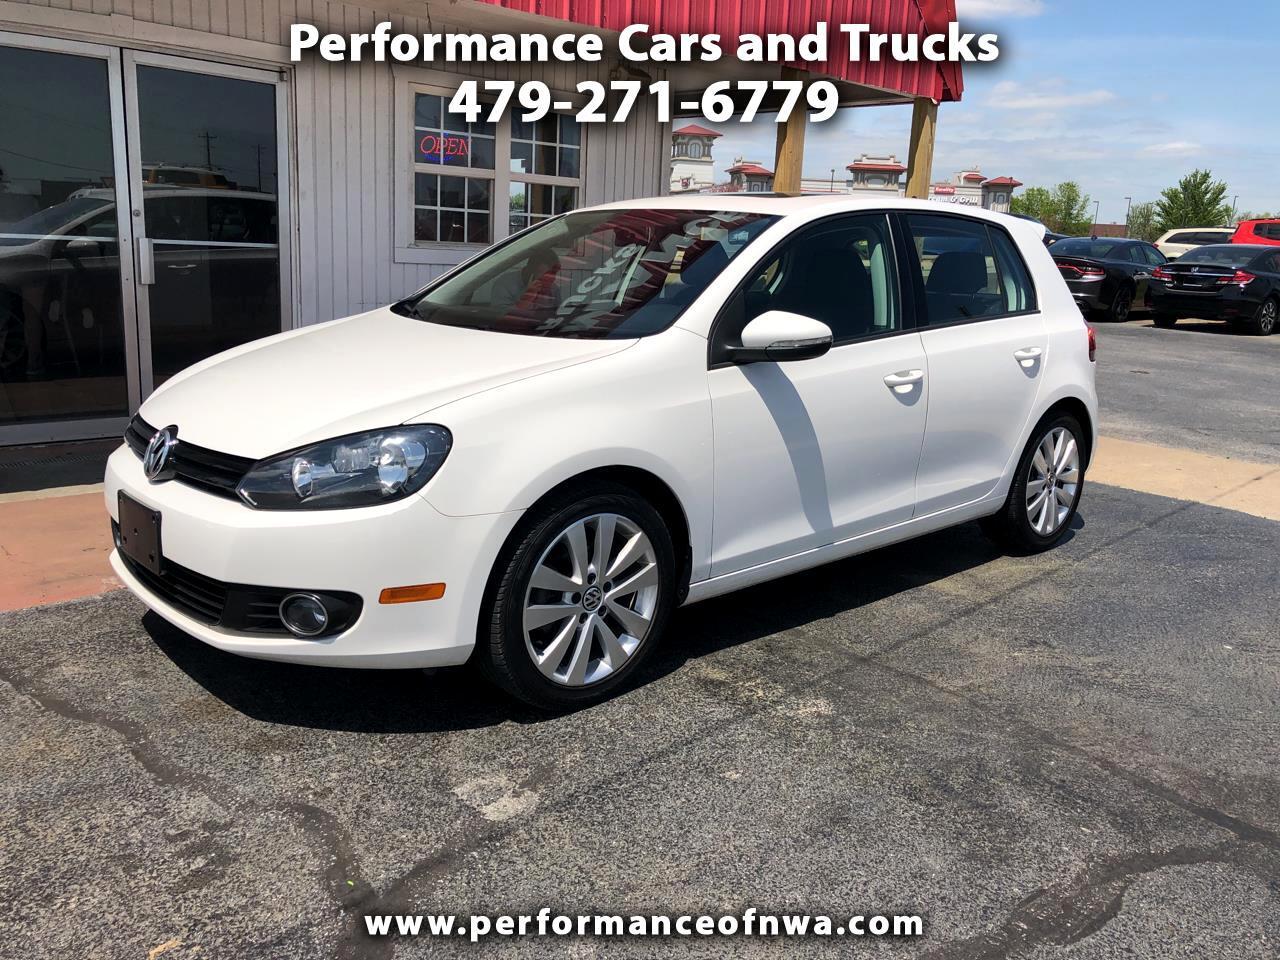 2014 Volkswagen Golf 2.0L TDI w/Tech Package 4 Door